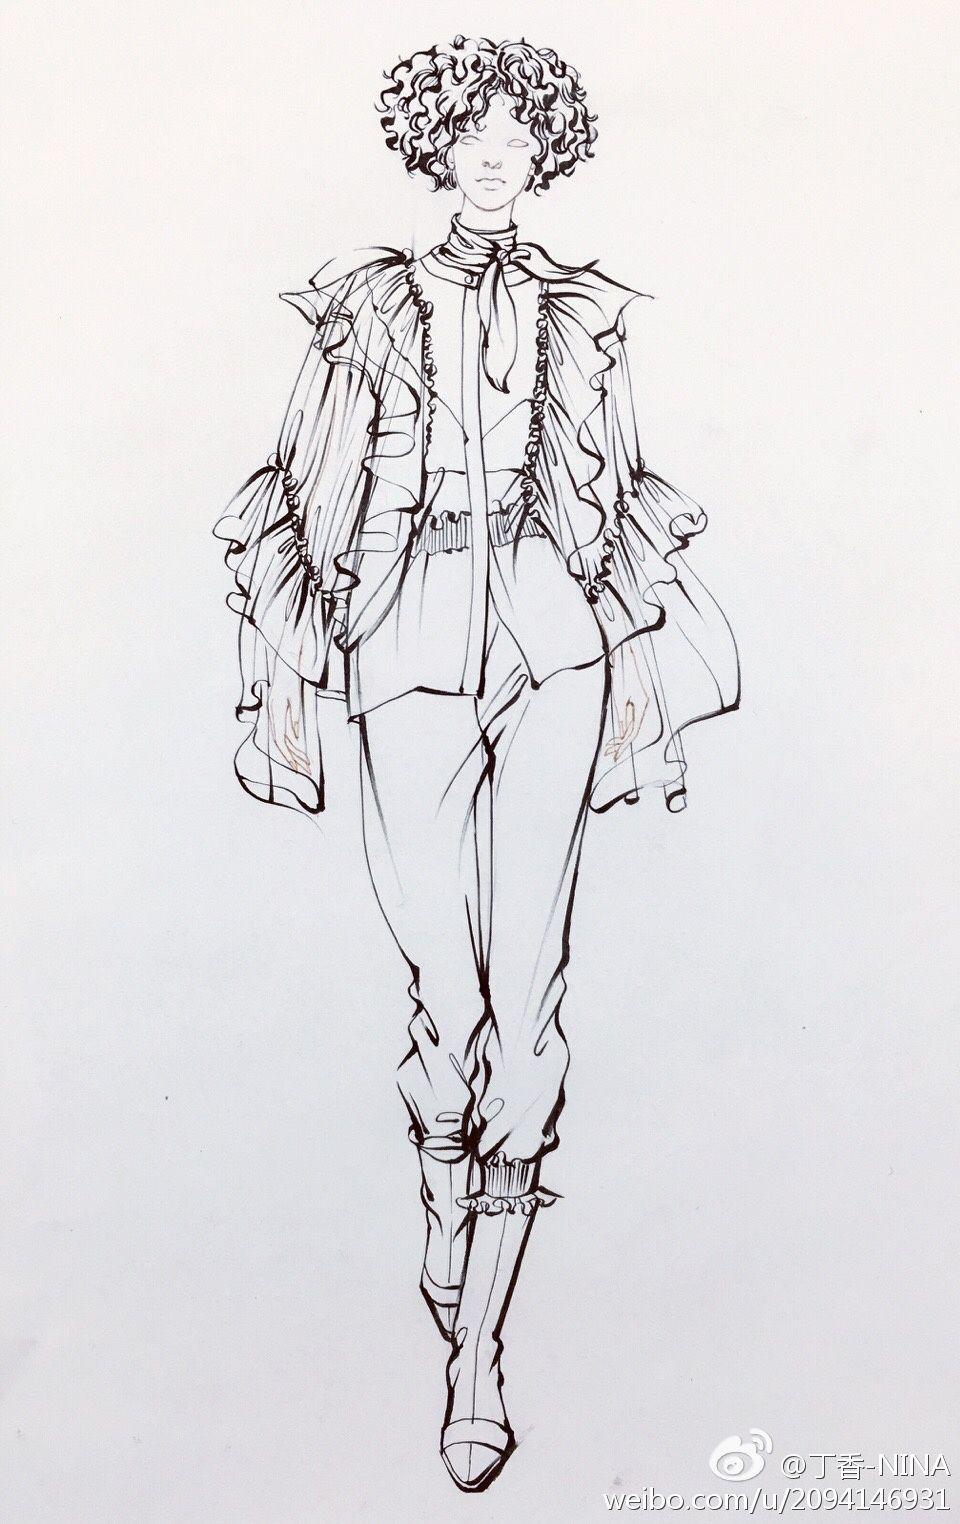 Pin von Cristina Rodriguez auf Graphic | Pinterest | Modezeichnungen ...